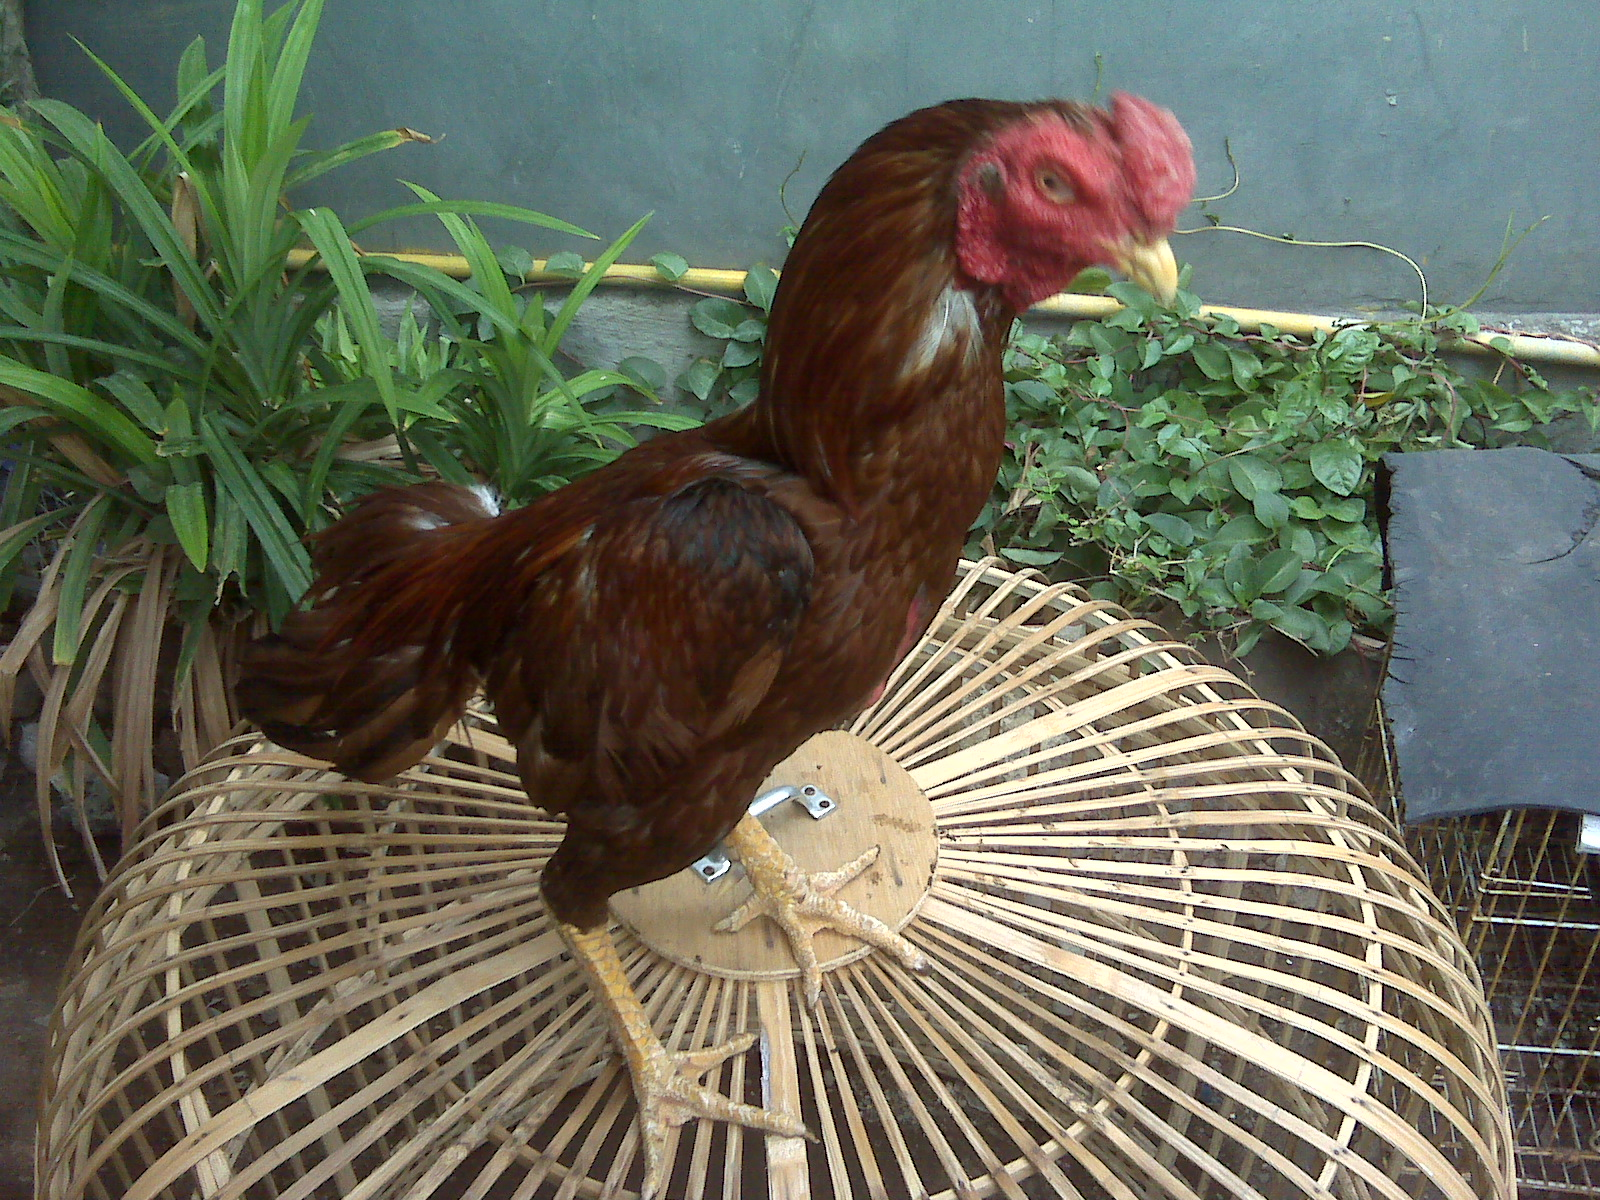 Macam Macam Sisik Ayam Bangkok | Genuardis Portal